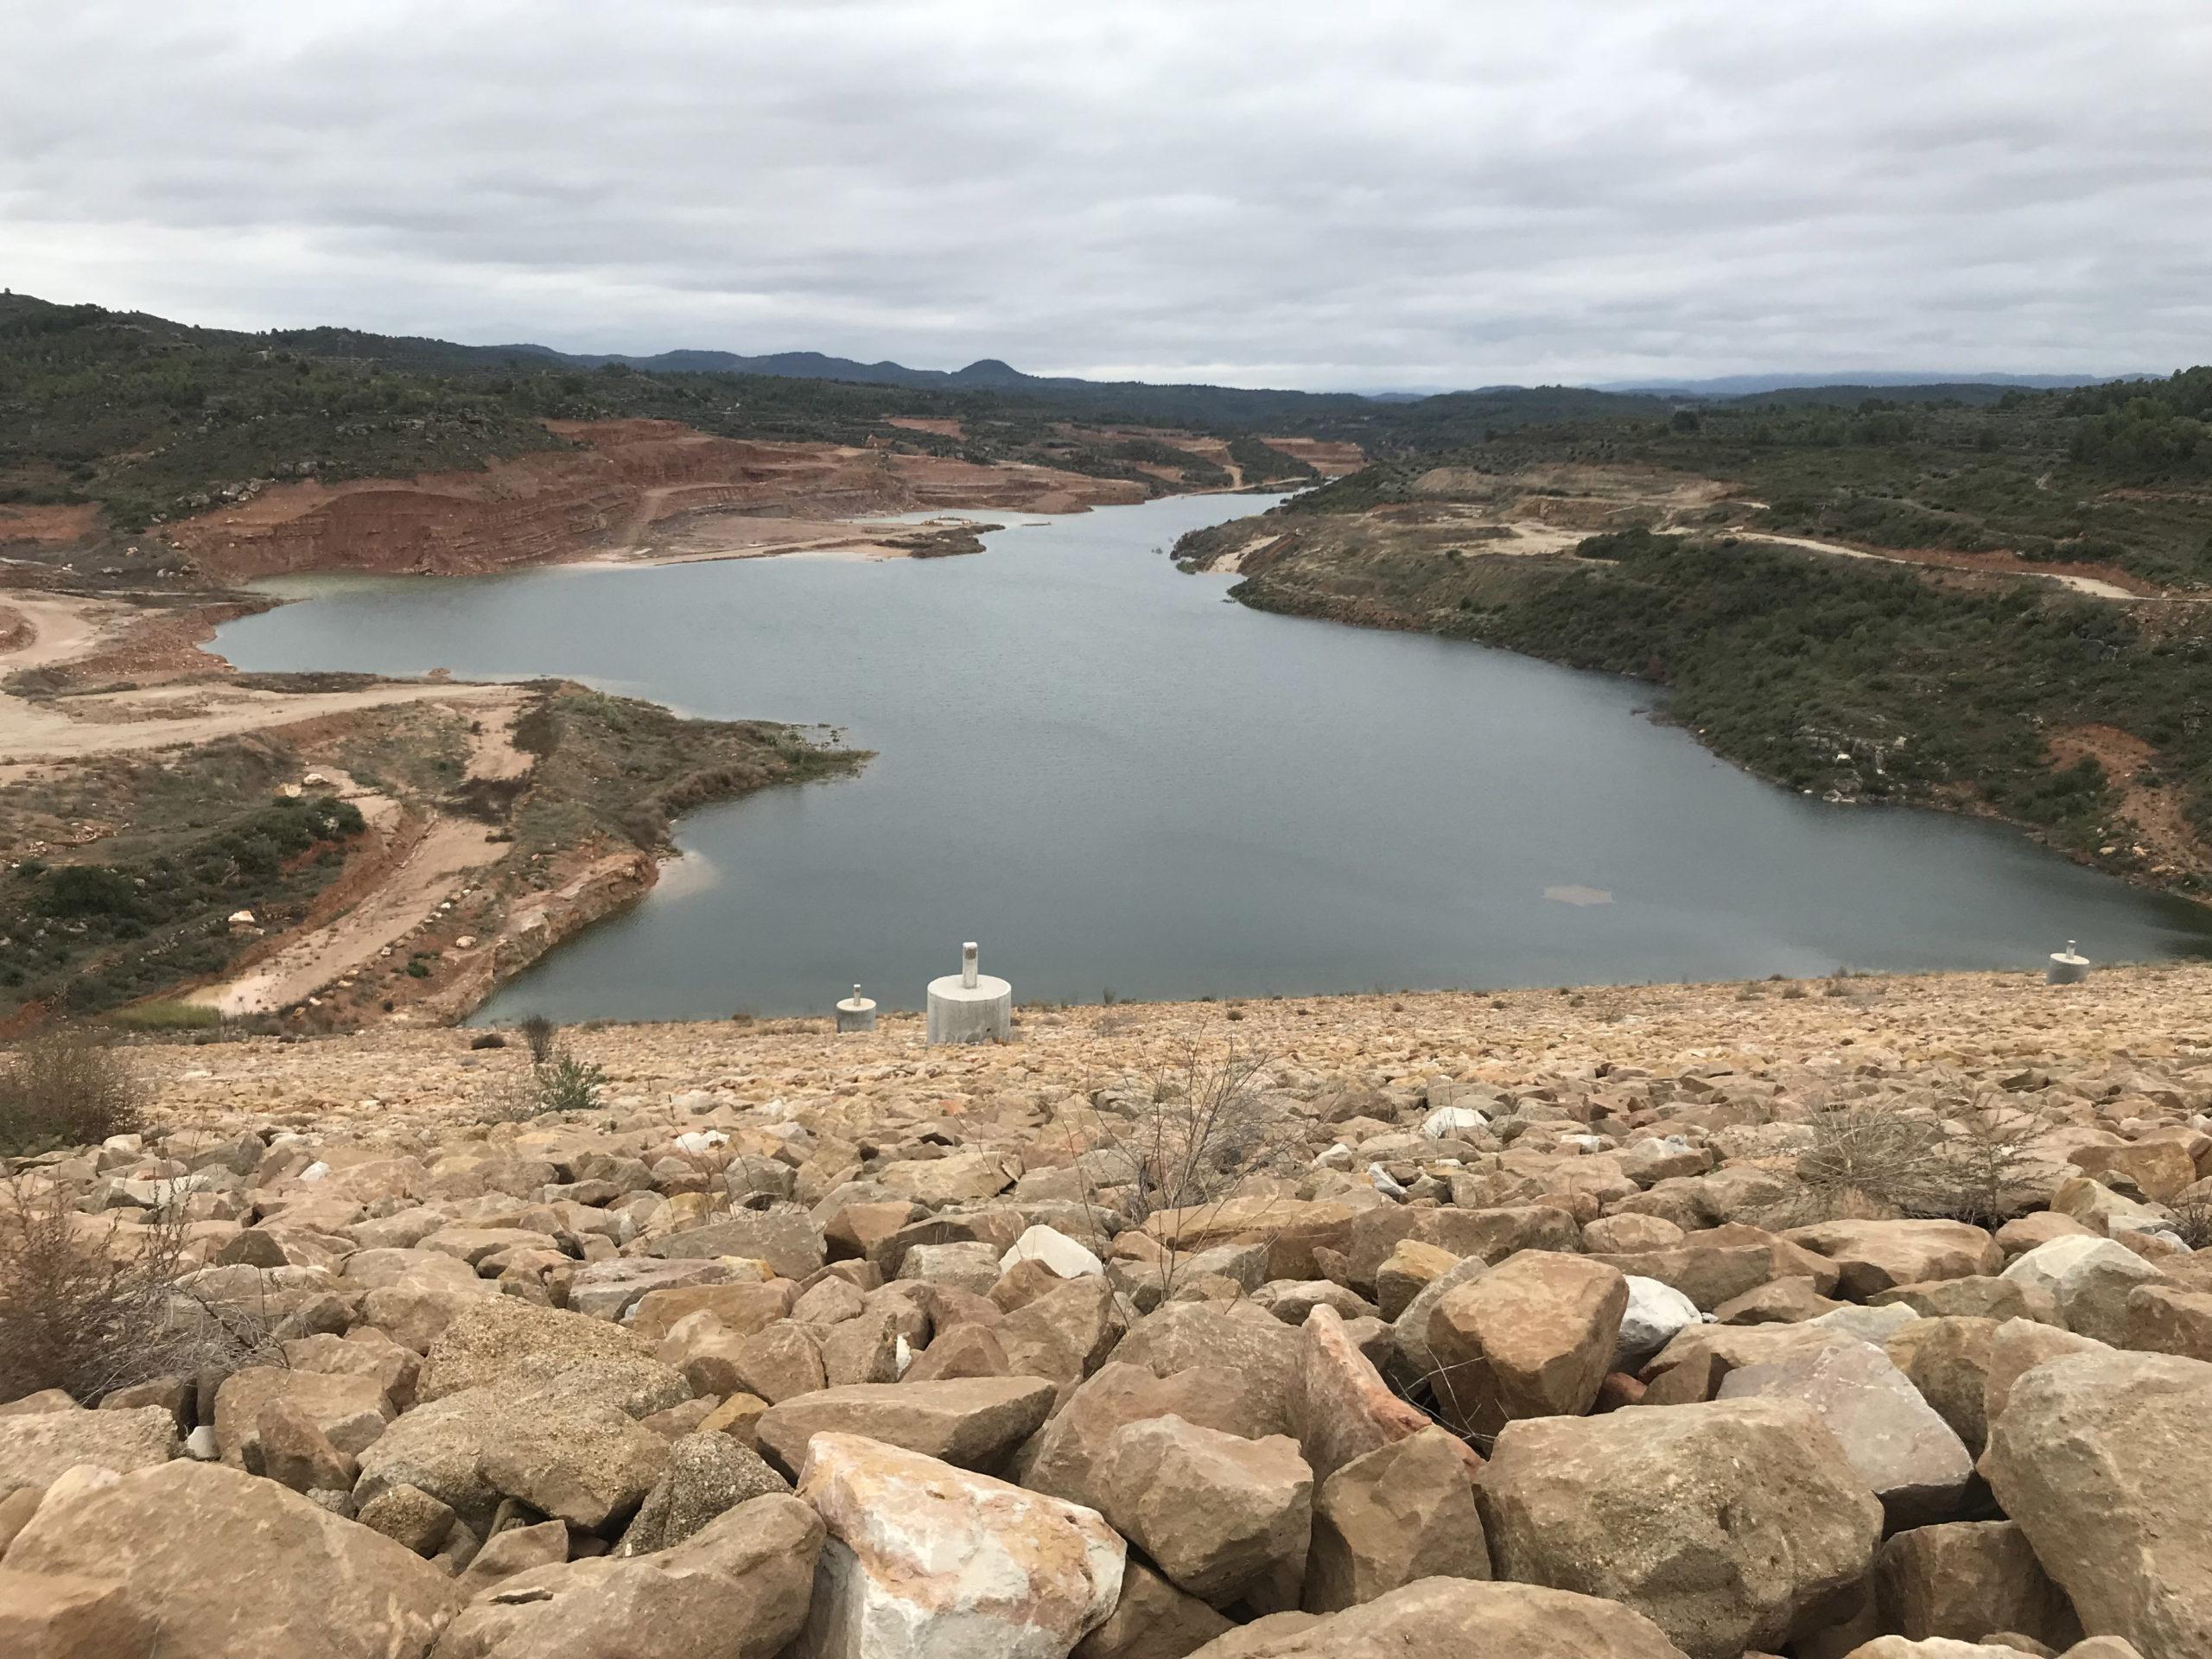 L'ACA encarrega al Consell Comarcal de les Garrigues la redacció de tres projectes de depuradora per a la comarca